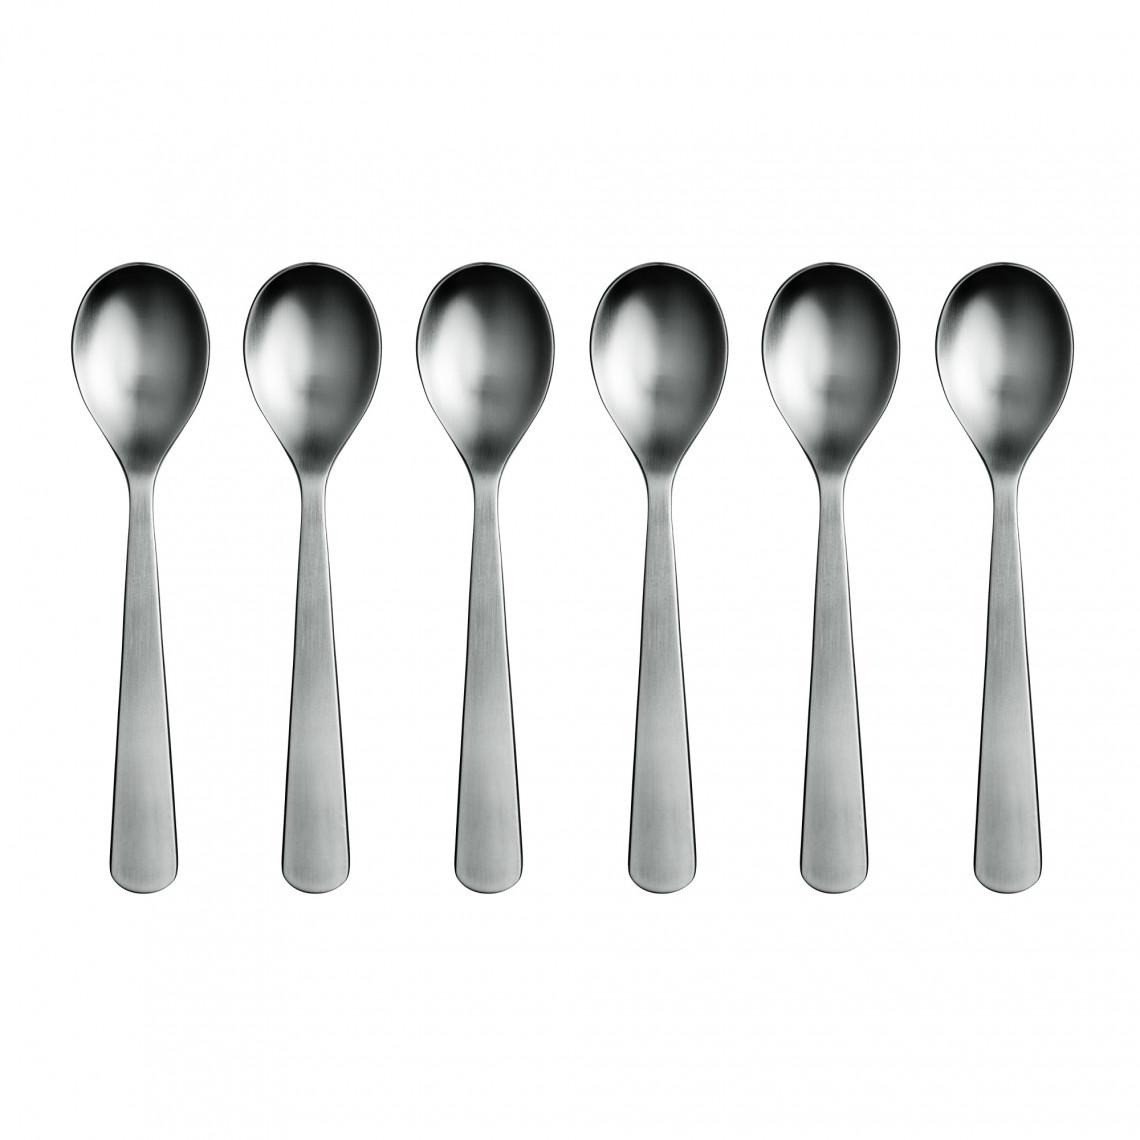 Teskedar Normann Cutlery Teaspoons - 6 pack